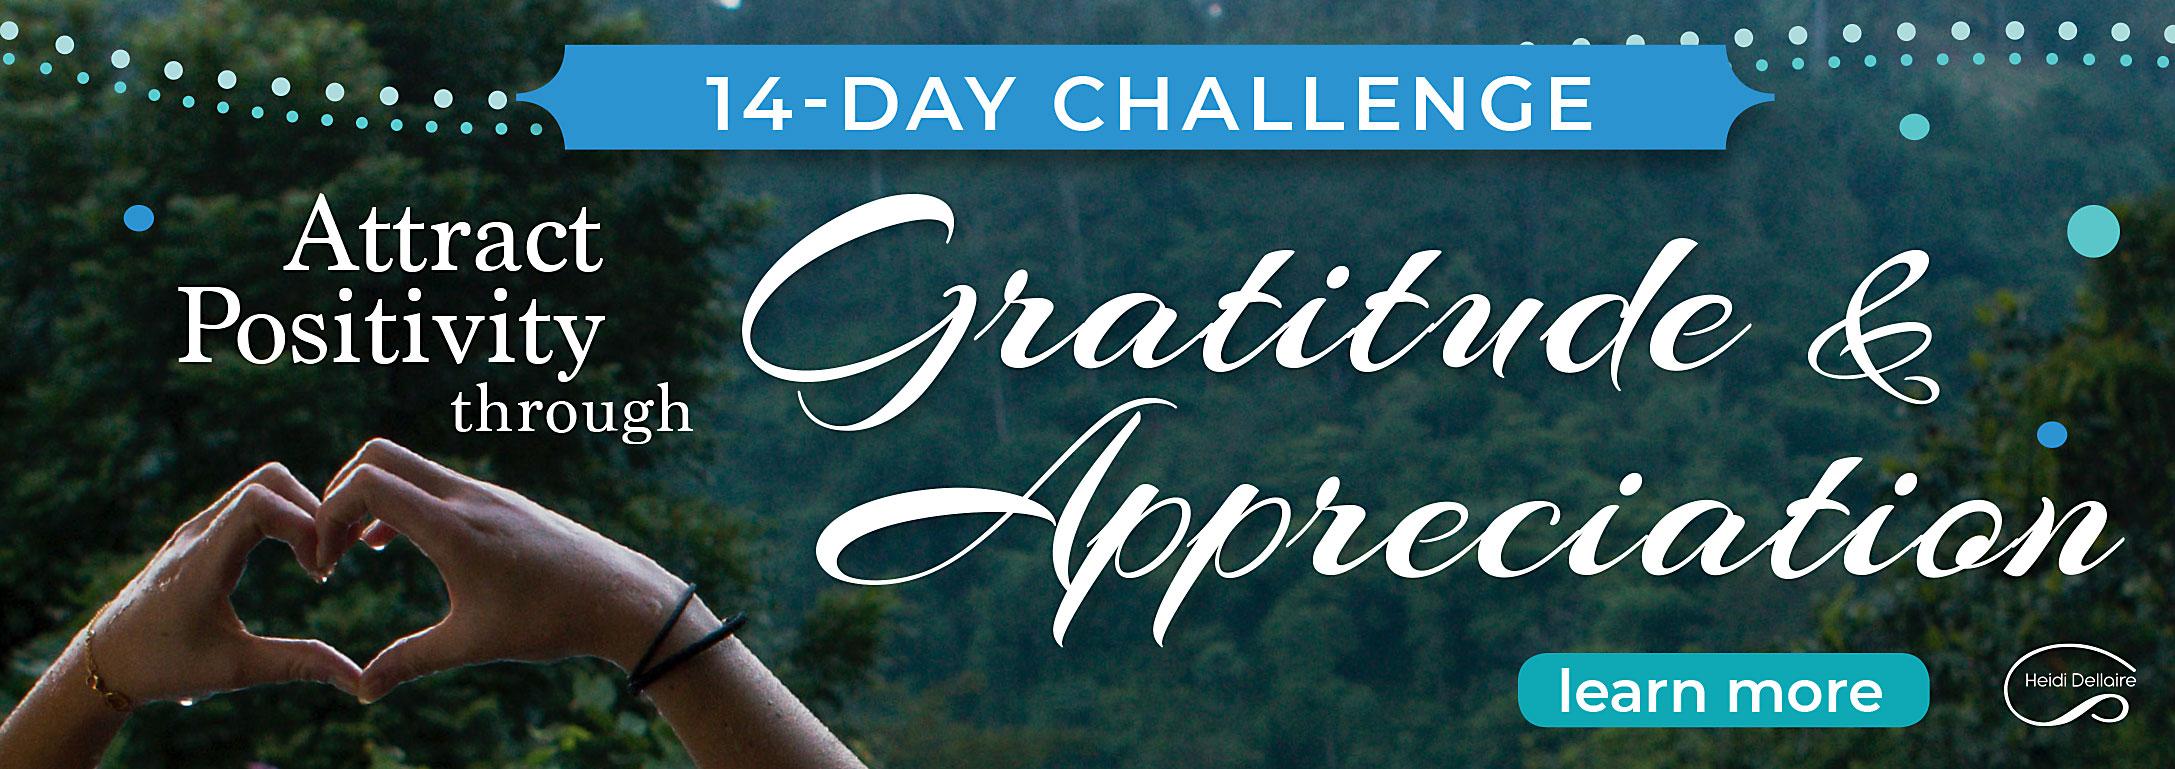 Gratitude Appreciation Challenge